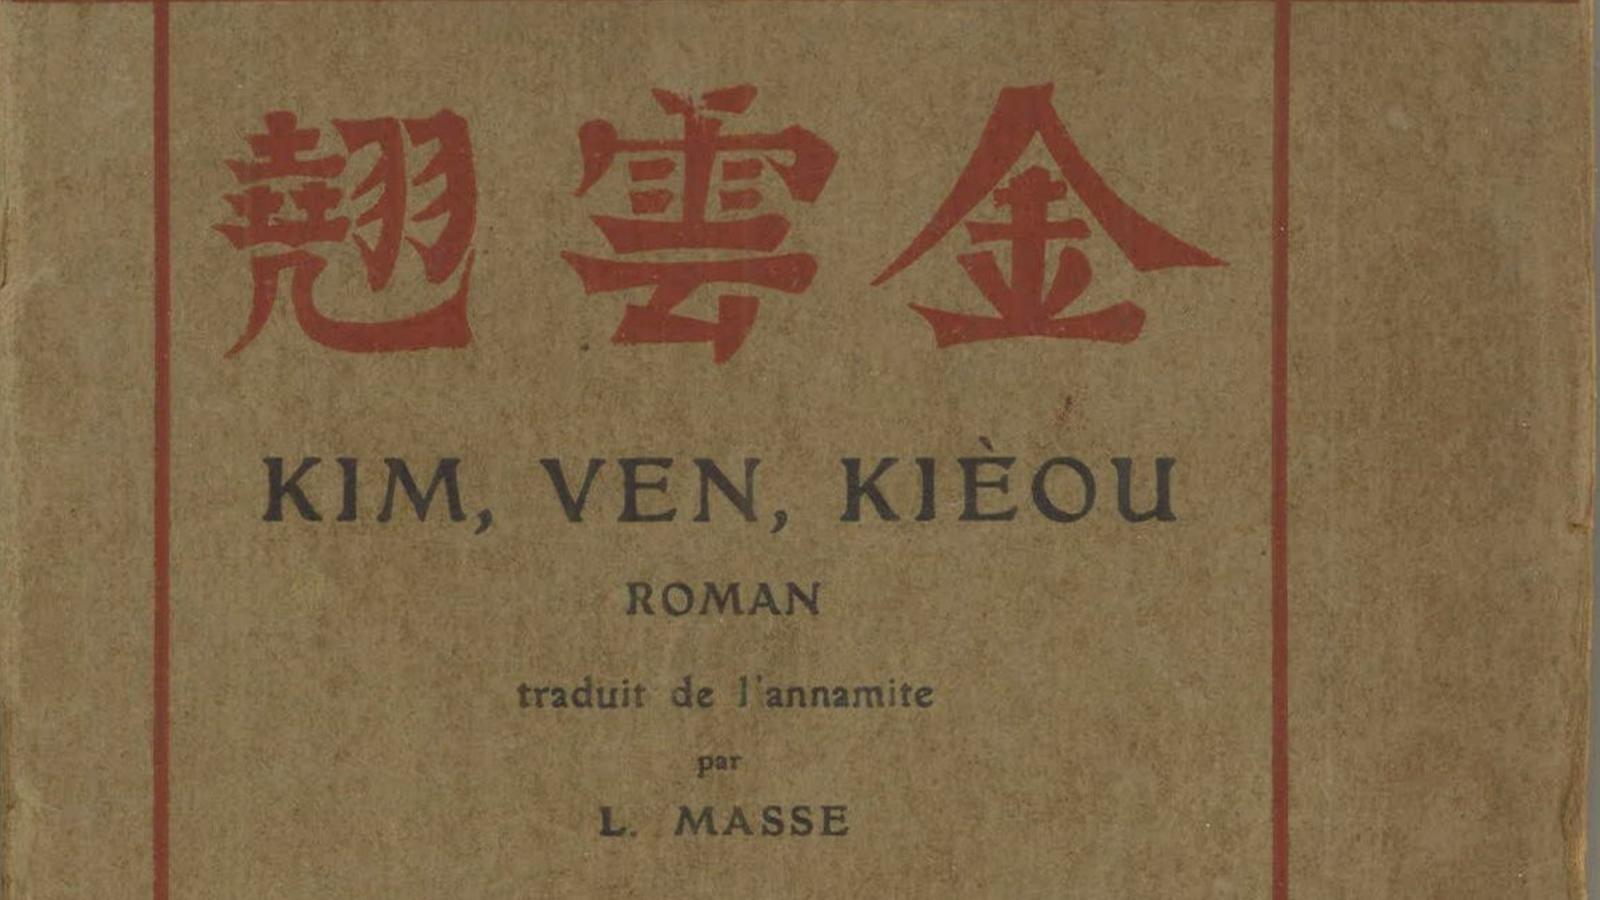 Triển lãm Truyện Kiều tại Paris, Pháp